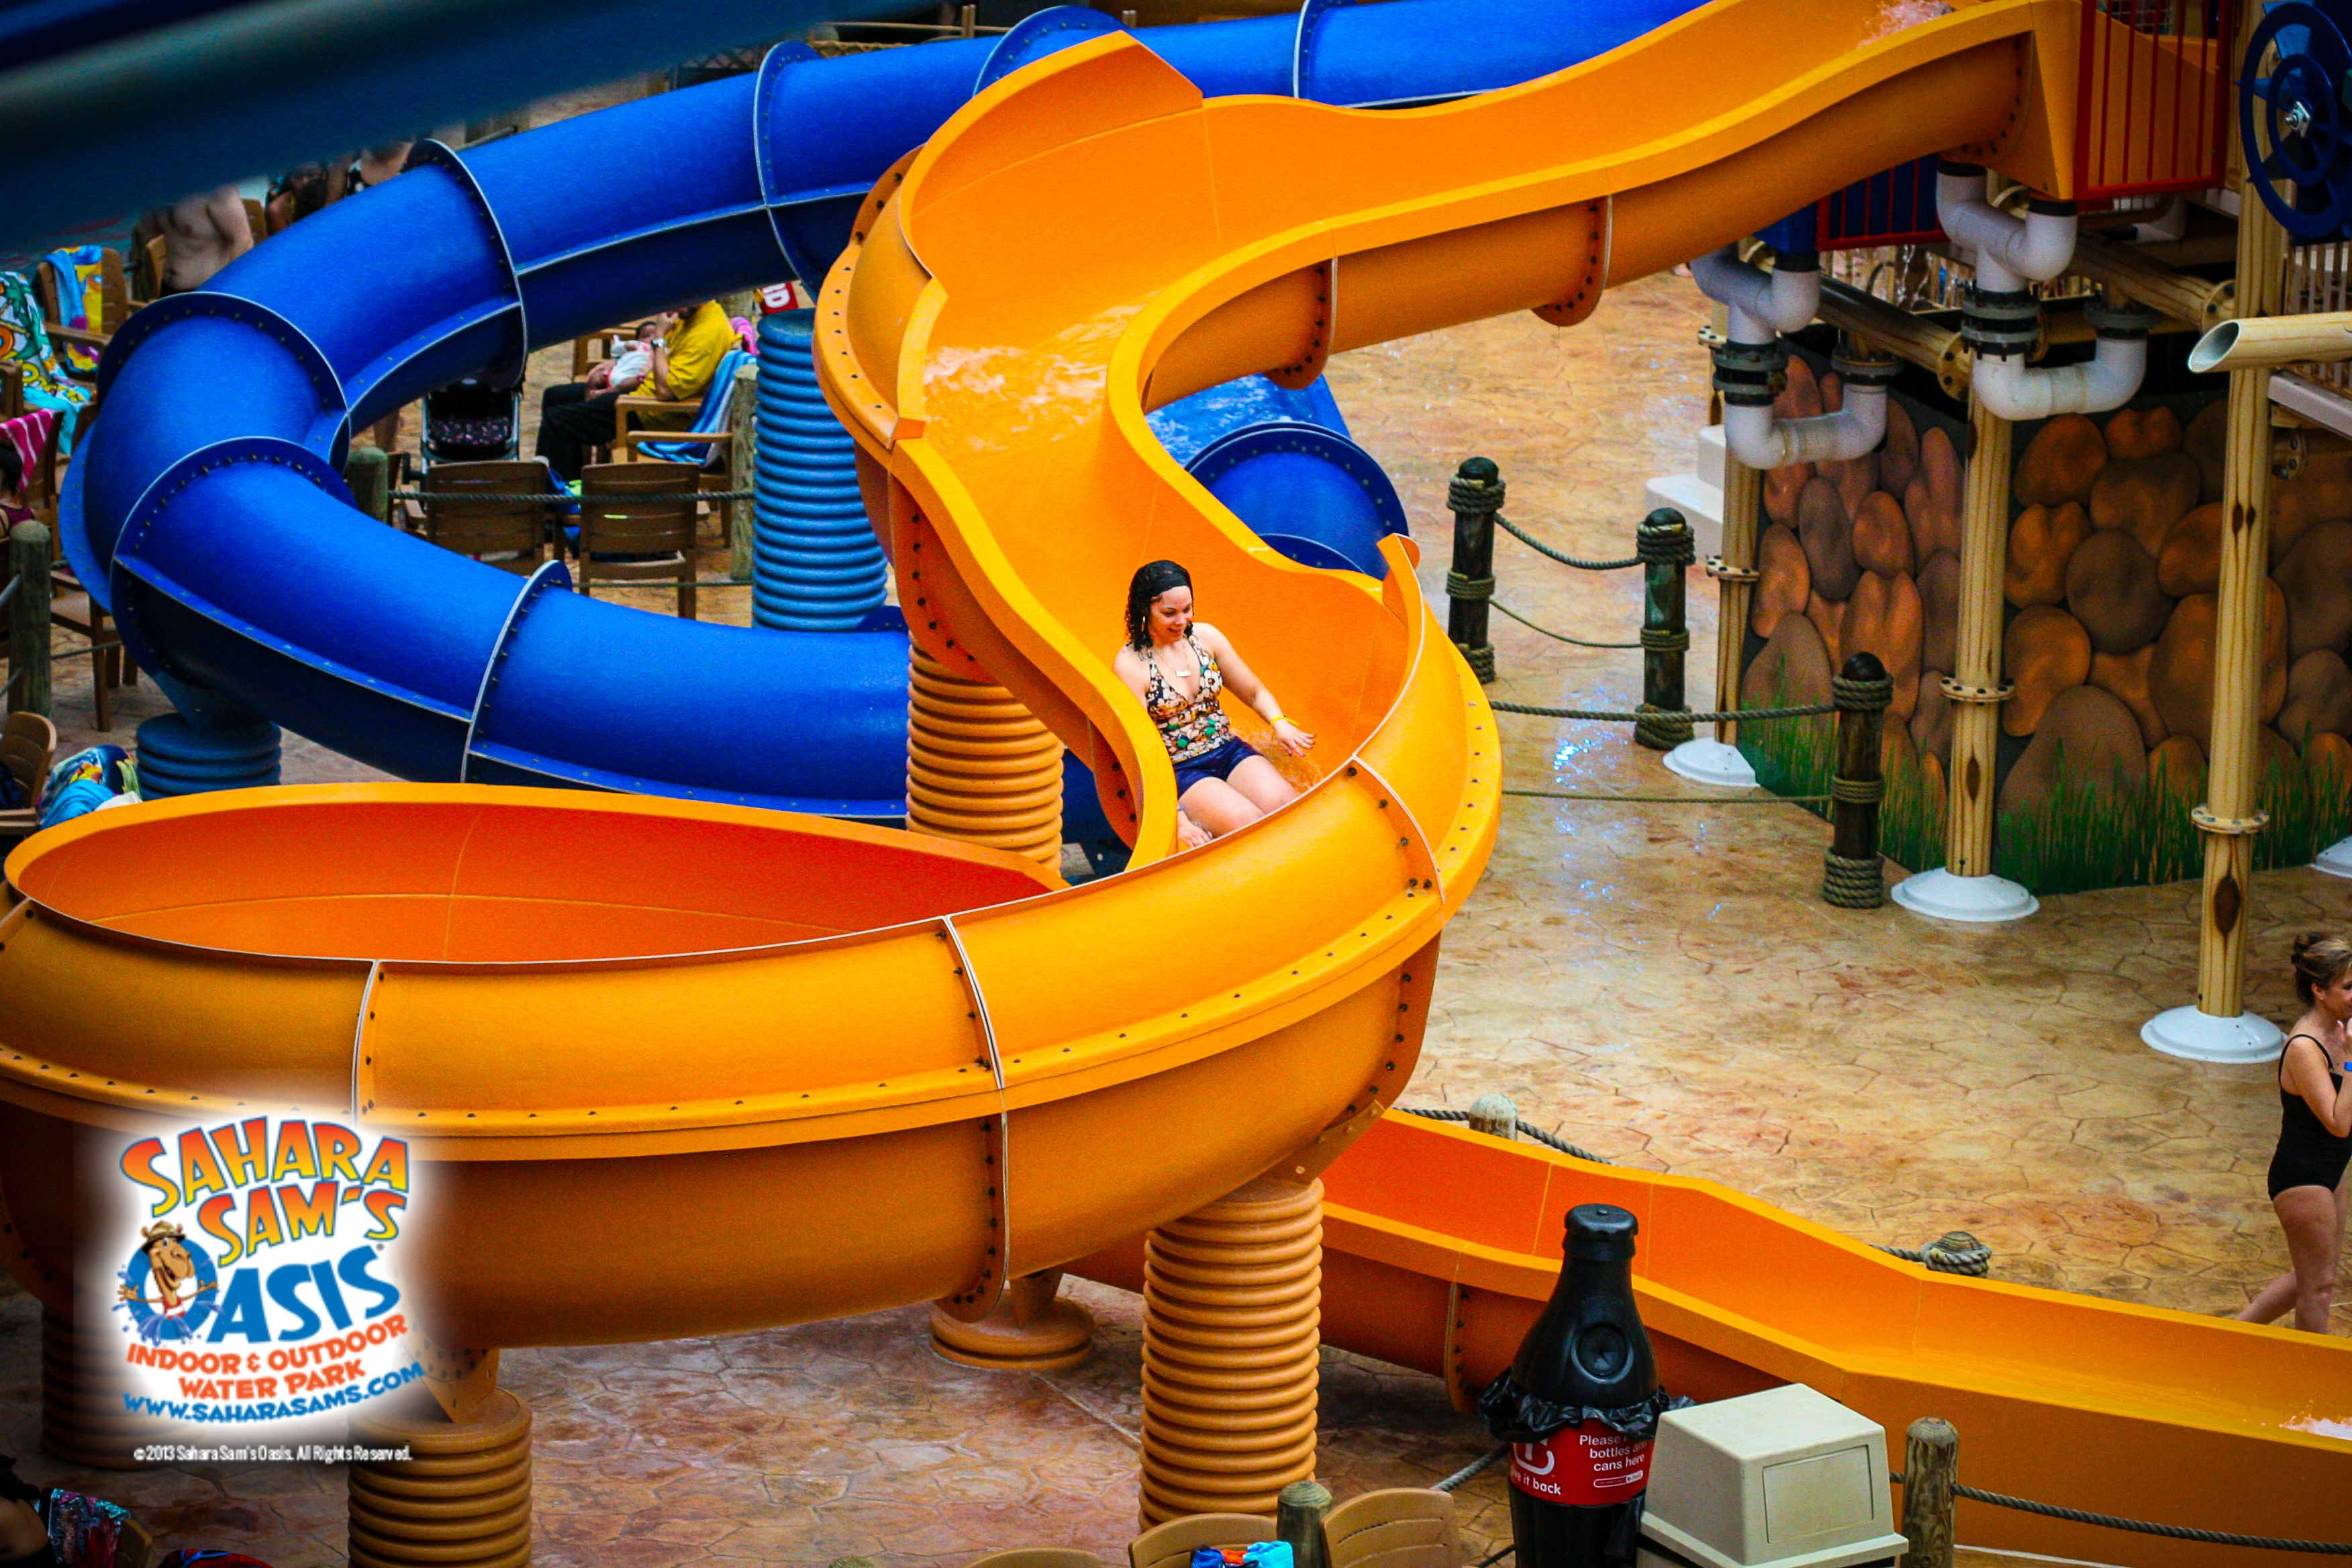 Tim Buk Tu Body Slide At Saharasams Indoor Waterpark